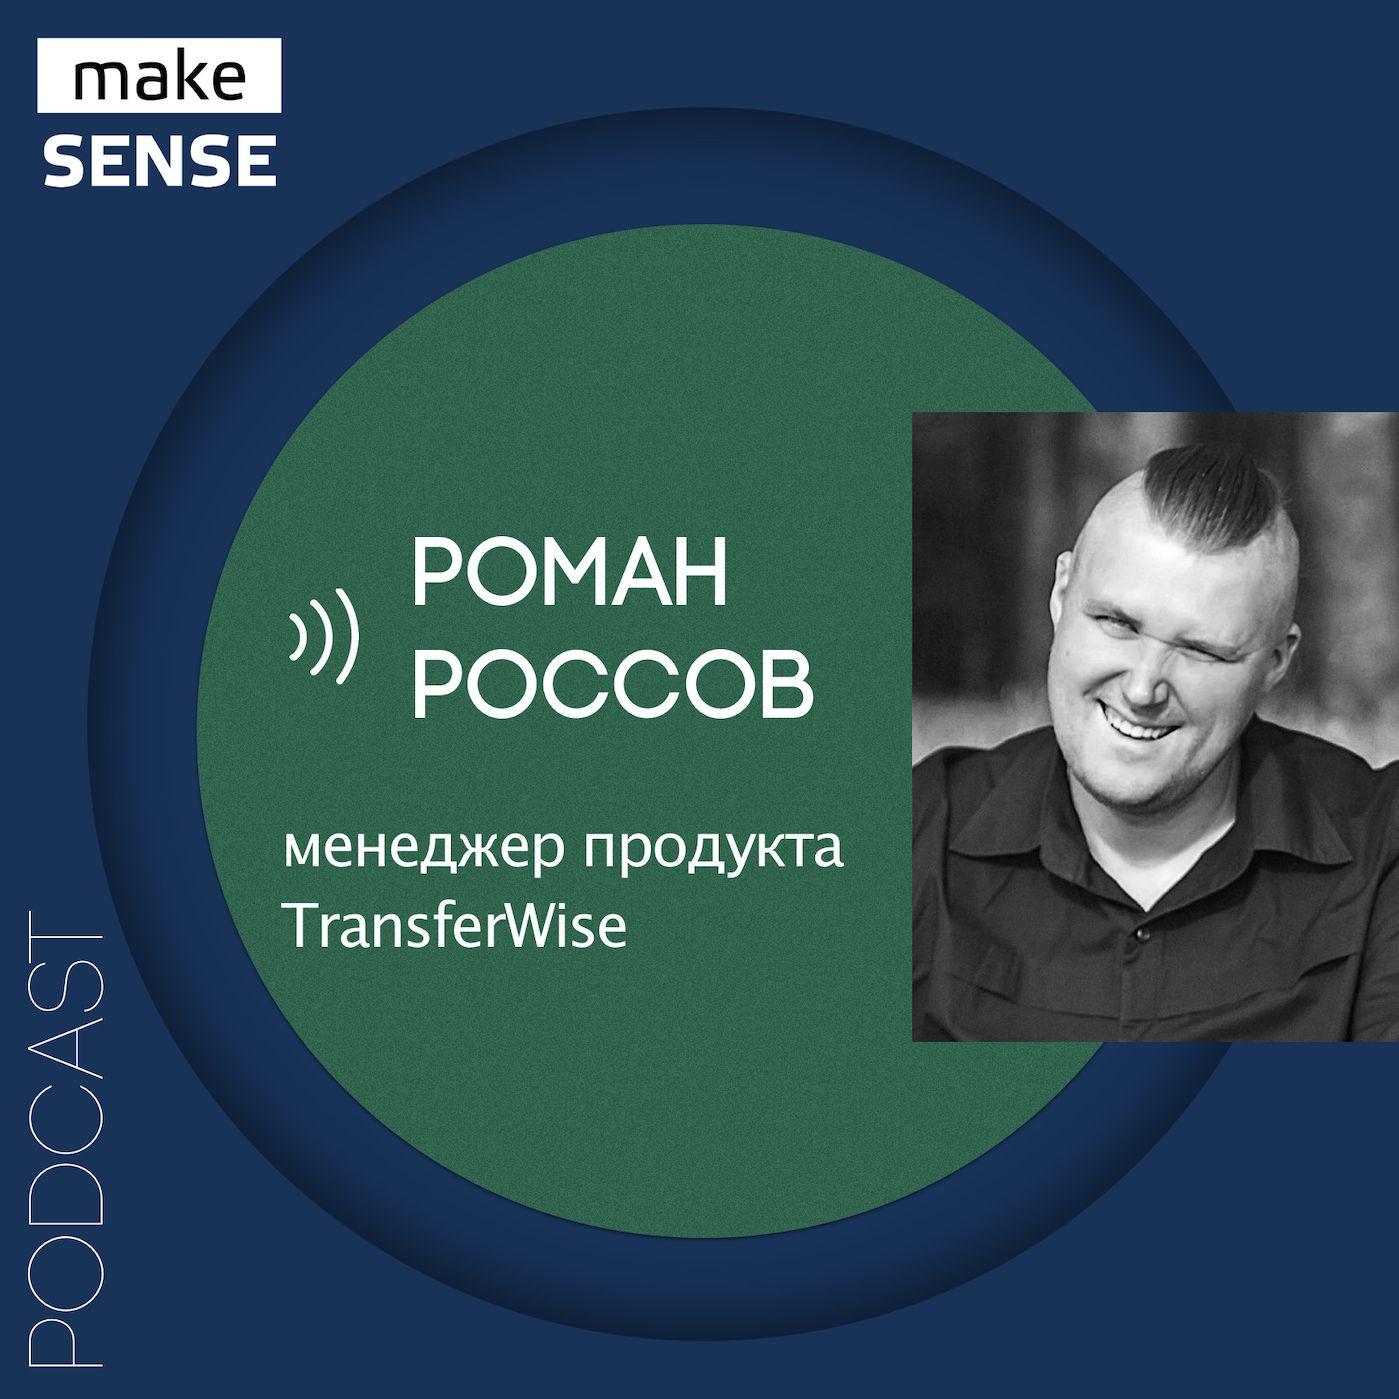 О маркетинге в финтехе, детальной сегментации и оценке эффективности контента с Романом Россовым